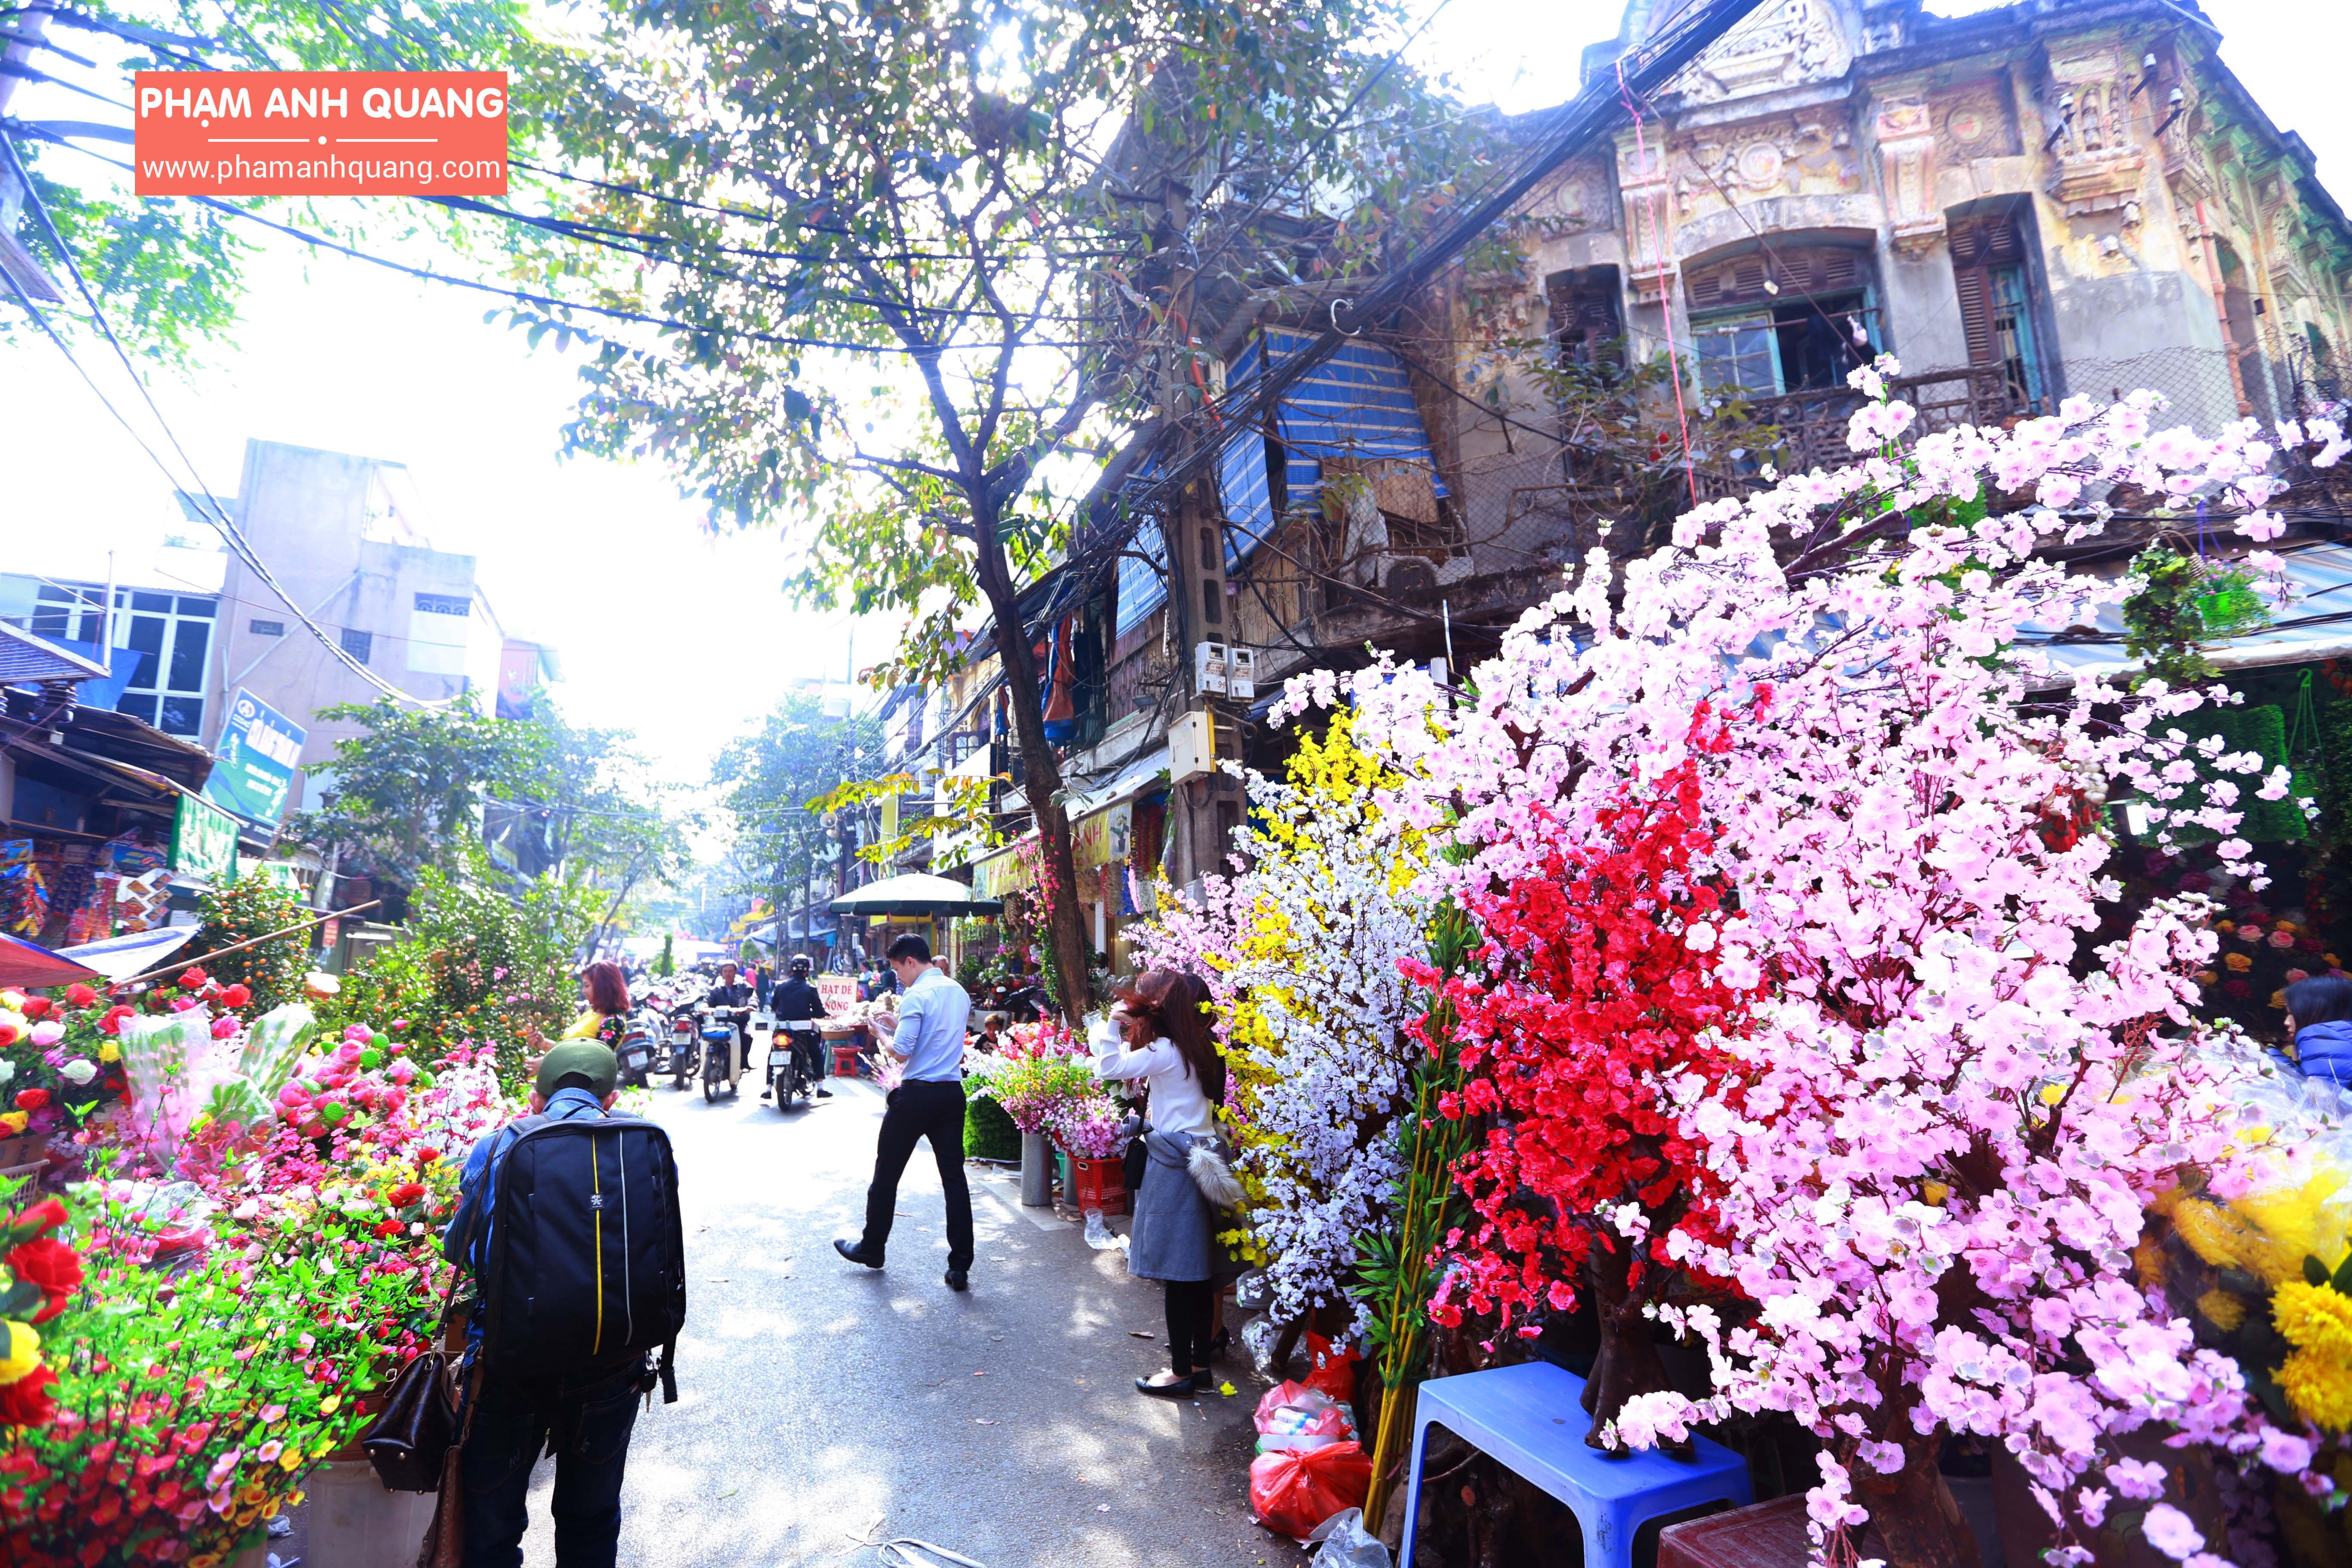 Những chợ hoa đẹp ở Hà Nội vào dịp tết Nguyên Đán